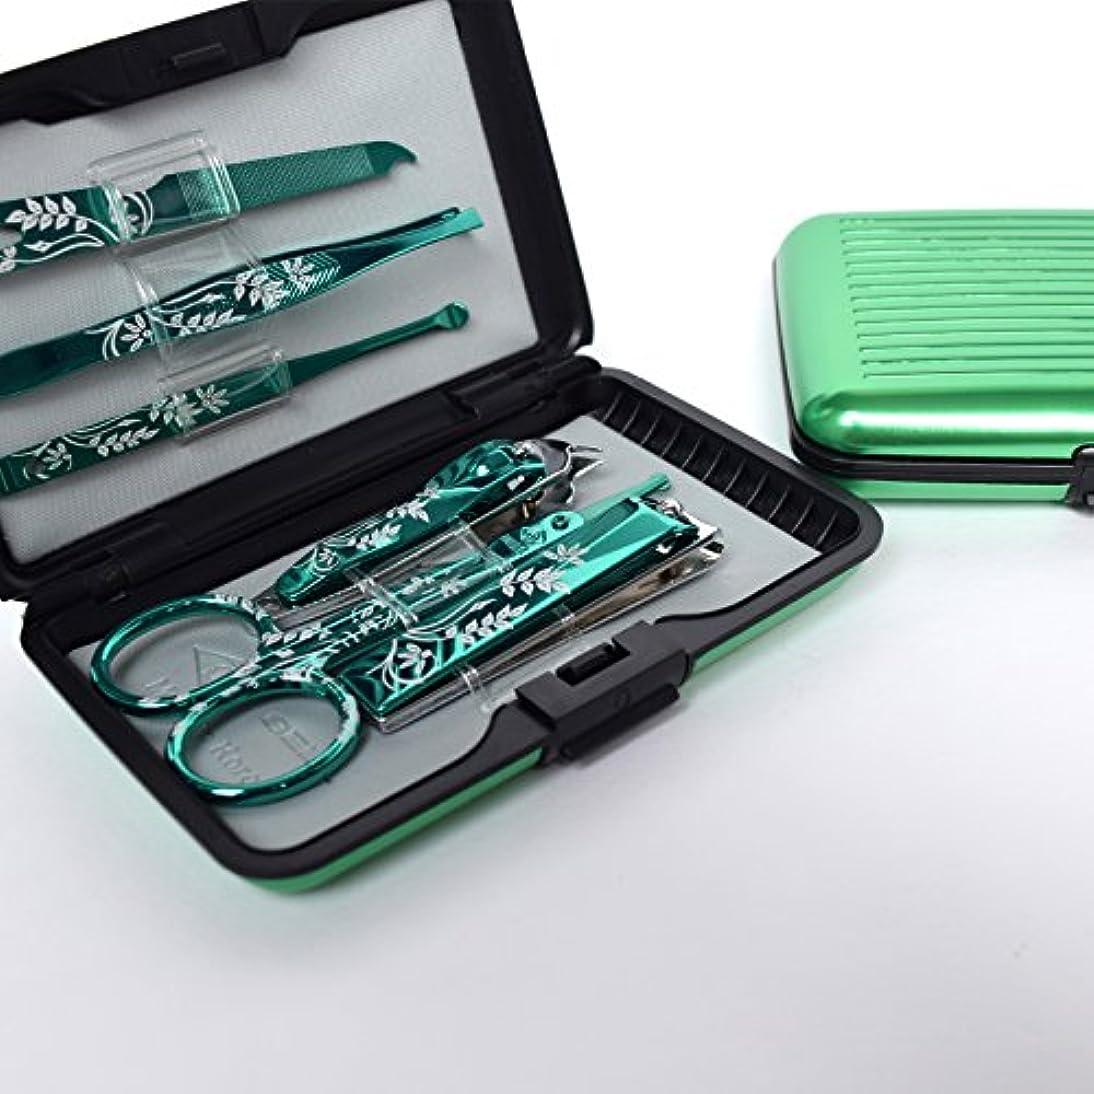 外向きたとえバイオリニストBELL Manicure Sets BM-800A ポータブル爪の管理セット 爪切りセット 高品質のネイルケアセット花モチーフのイラストデザイン Portable Nail Clippers Nail Care Set